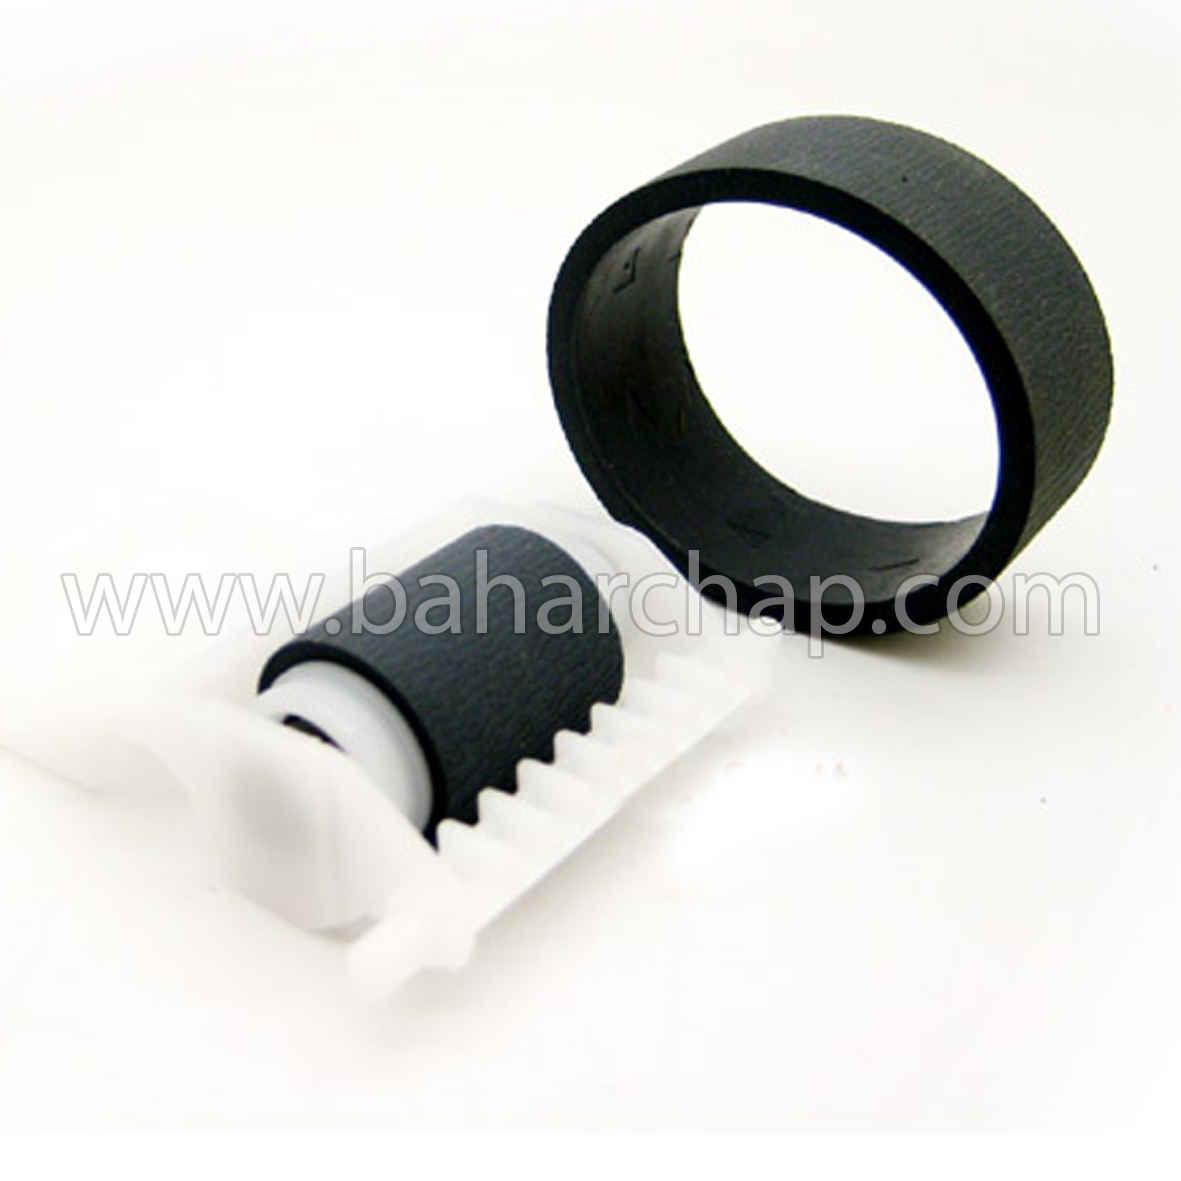 فروشگاه و خدمات اینترنتی بهارچاپ اصفهان-کاغذ کش اصلی اپسون 1410 - Epson-Pickup-Roller1410